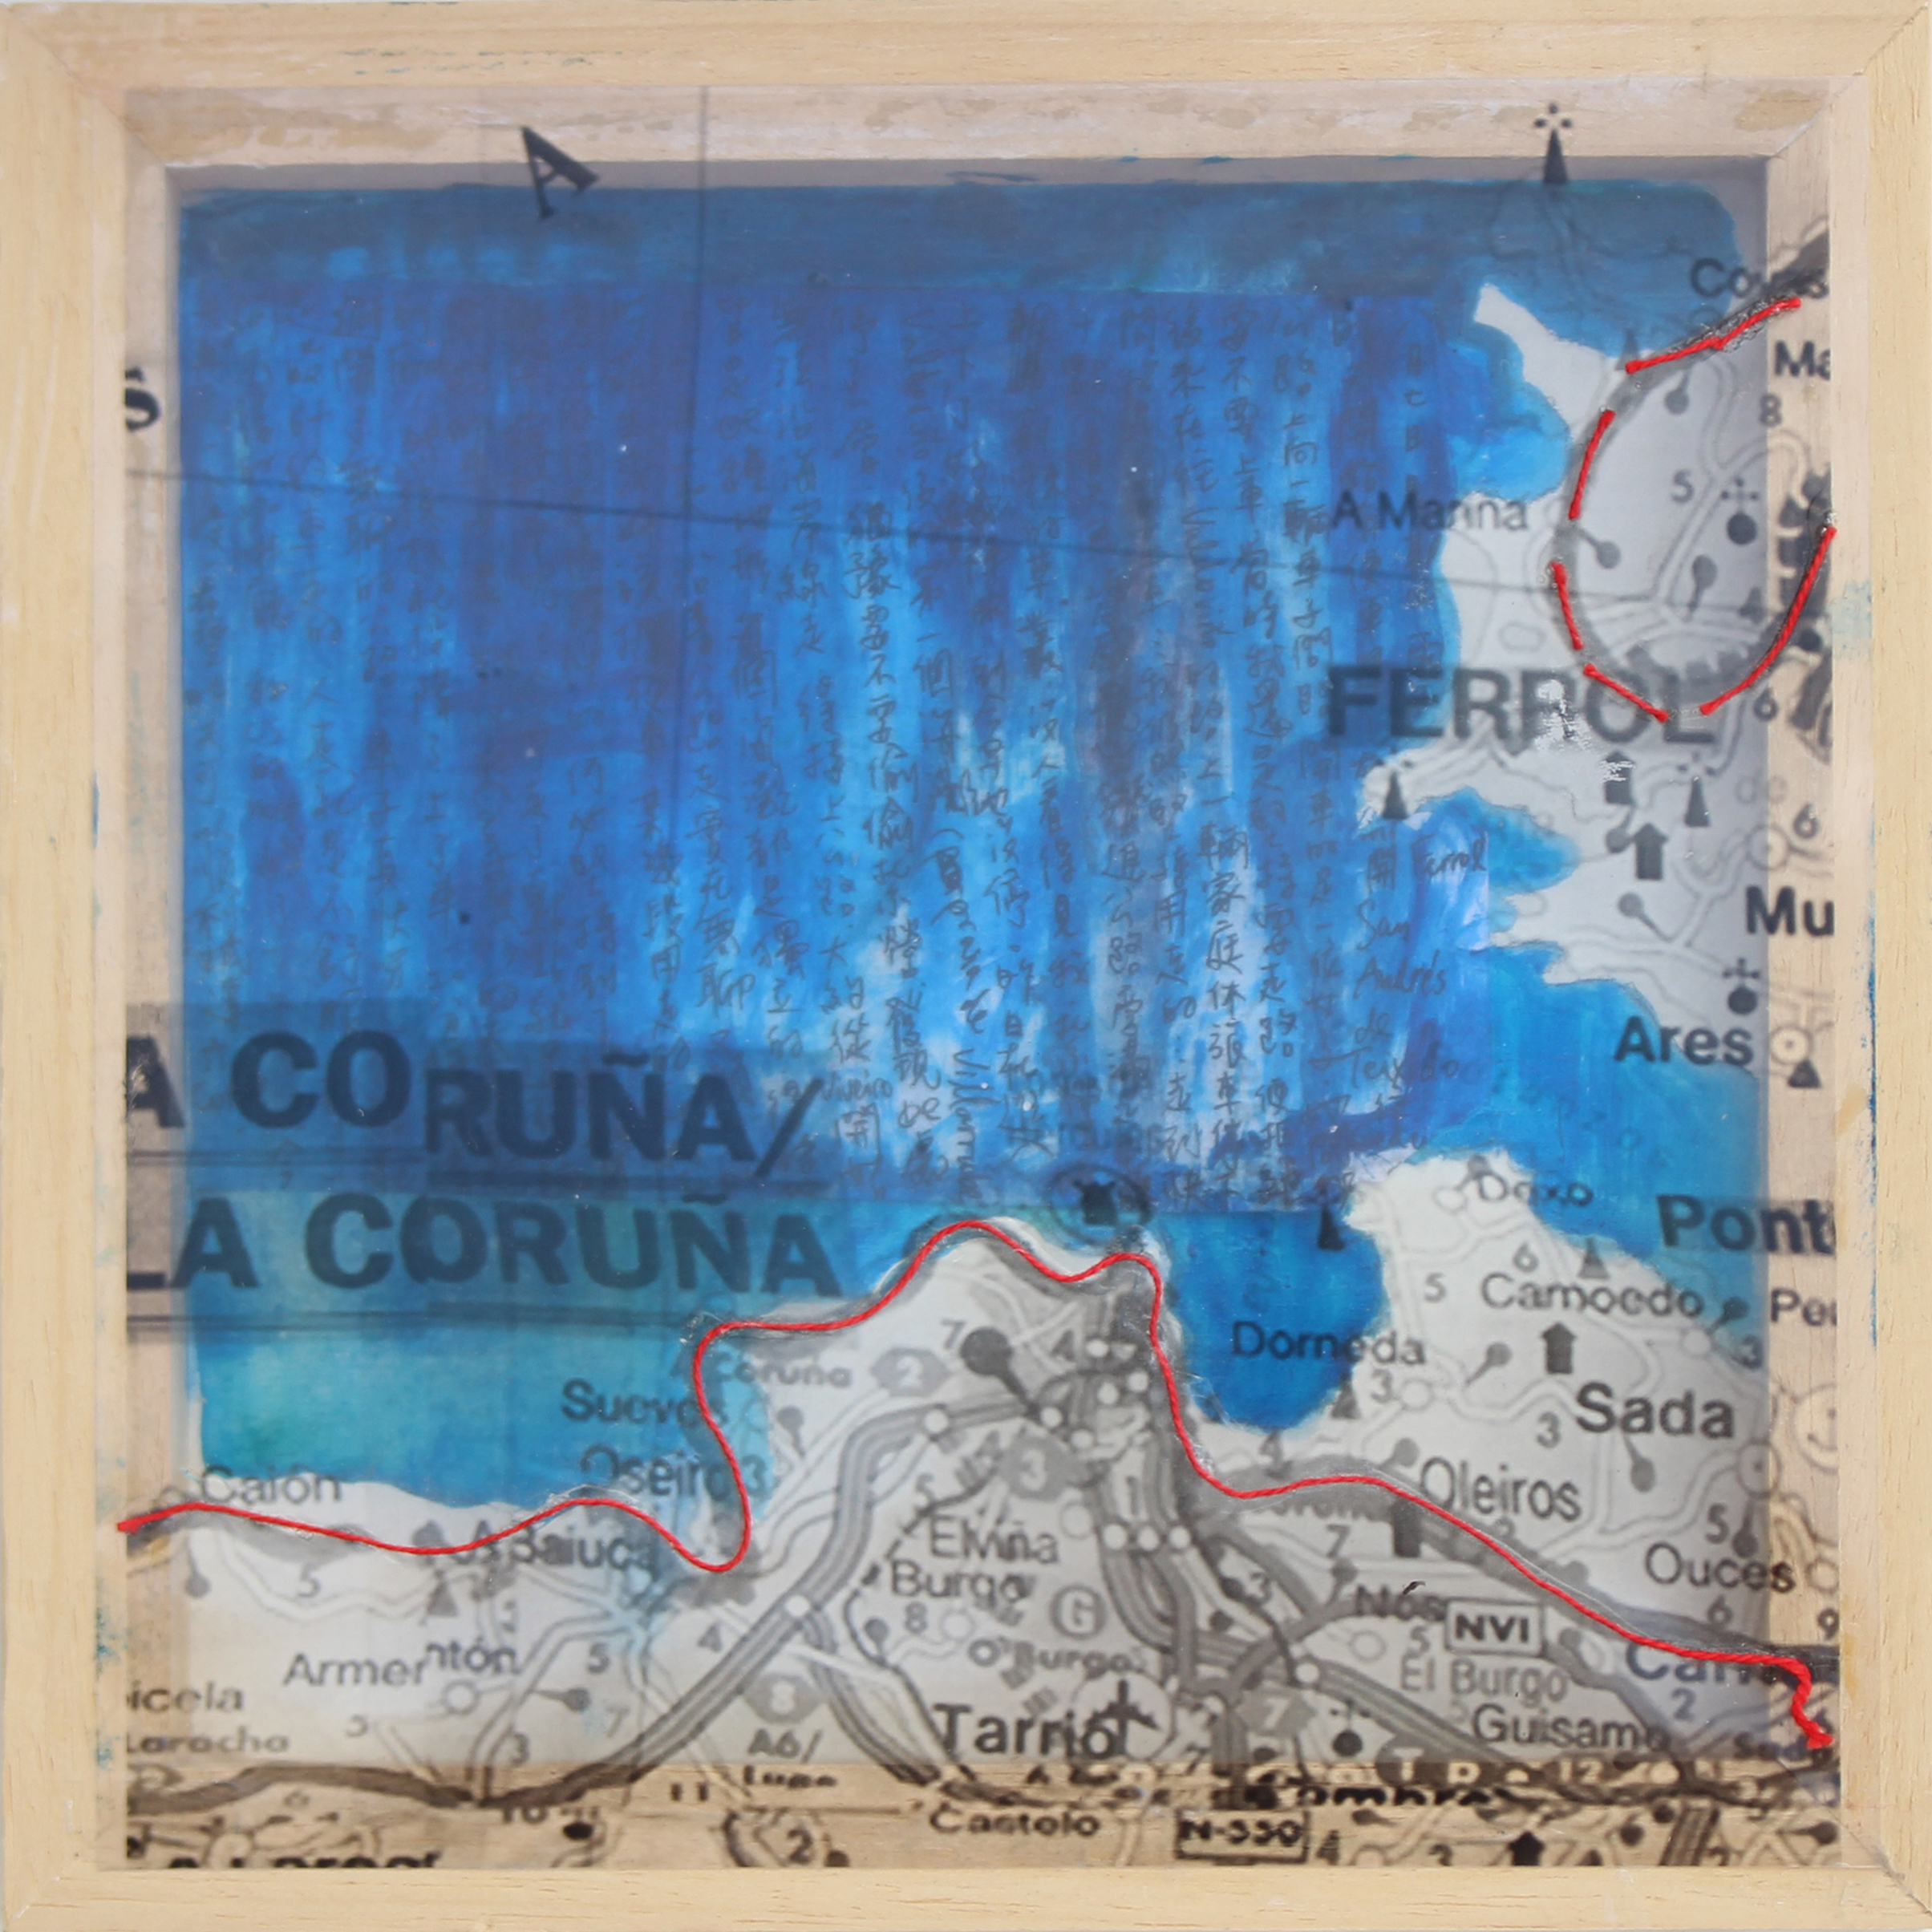 19 Pontedeume-A Coruña